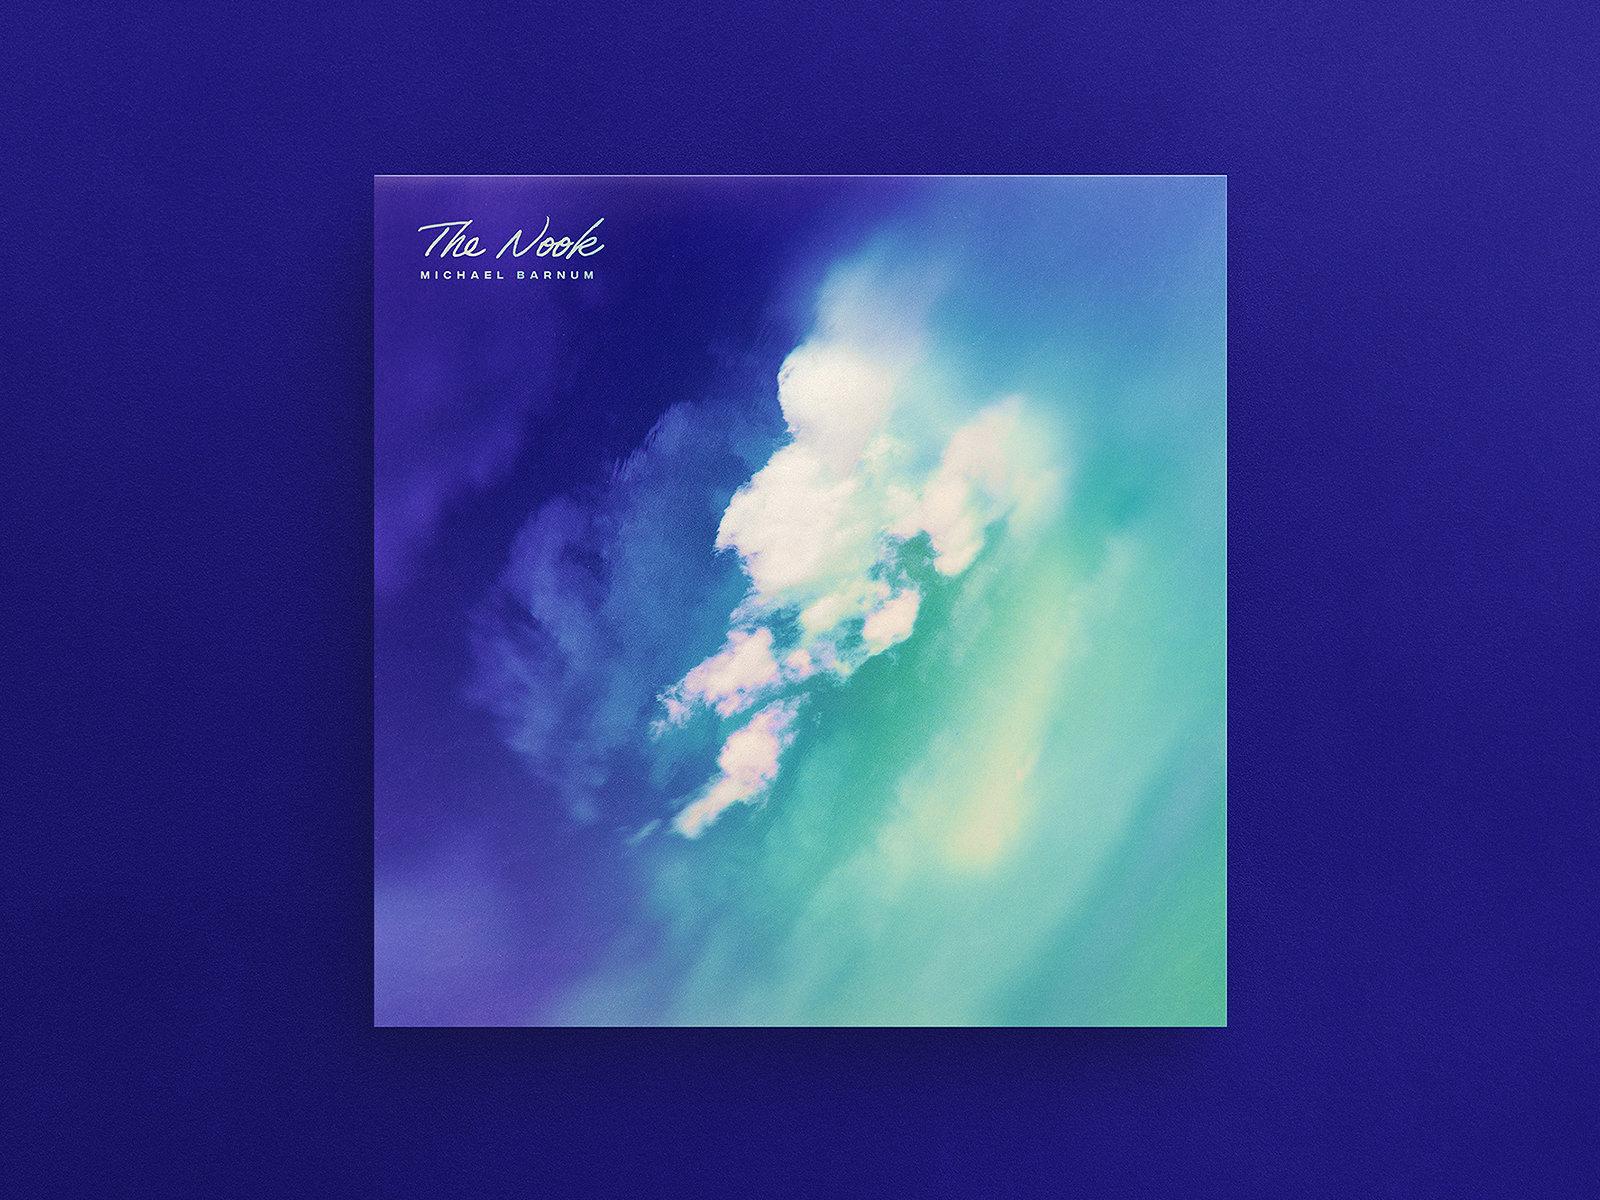 The Nook Album Cover Art